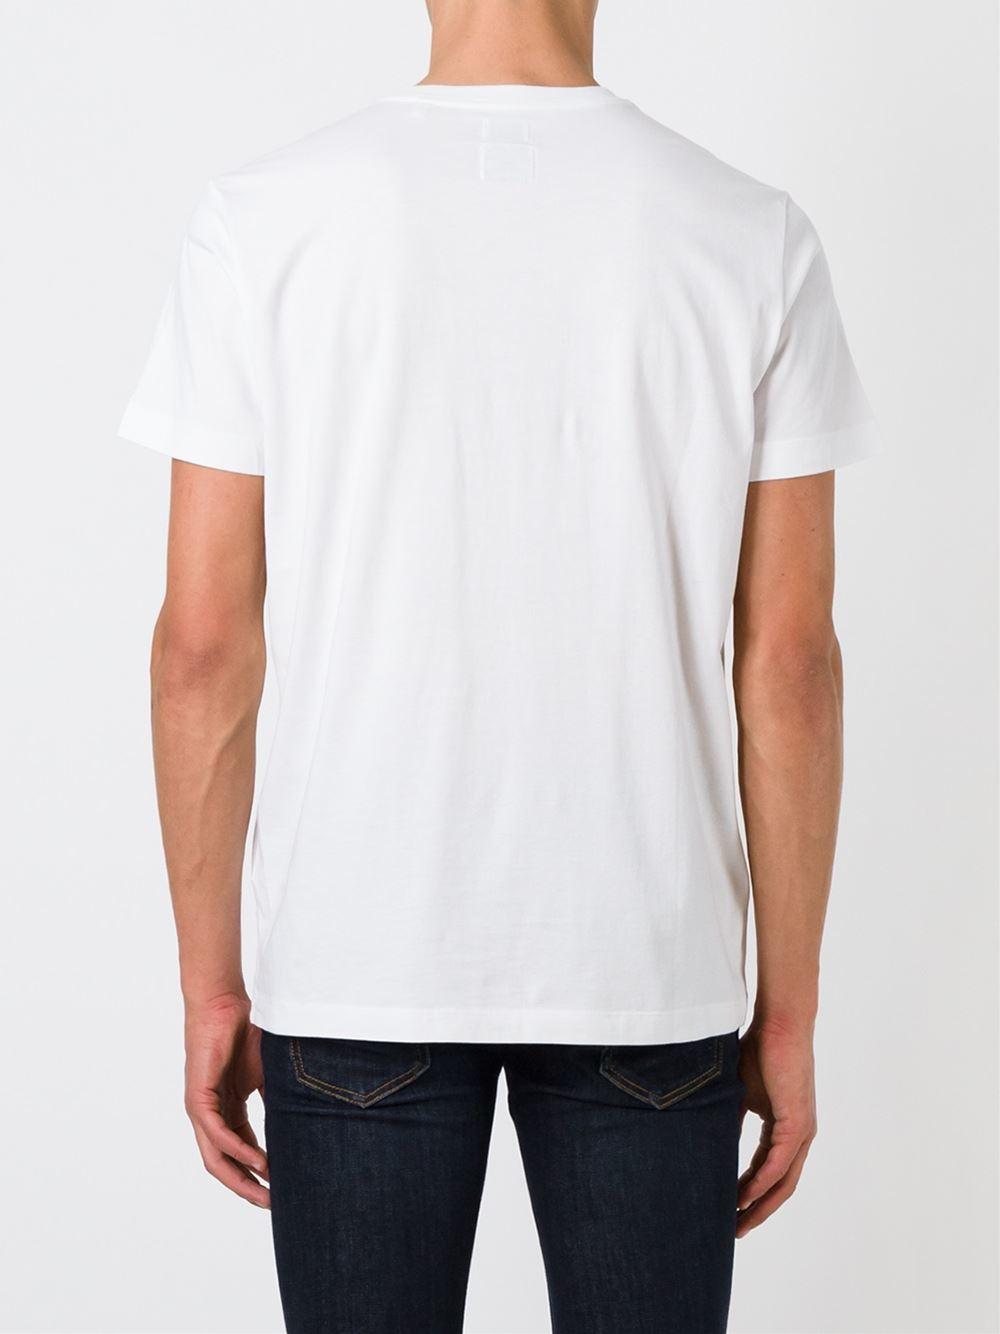 Diesel V-Neck T-Shirt in White for Men | Lyst